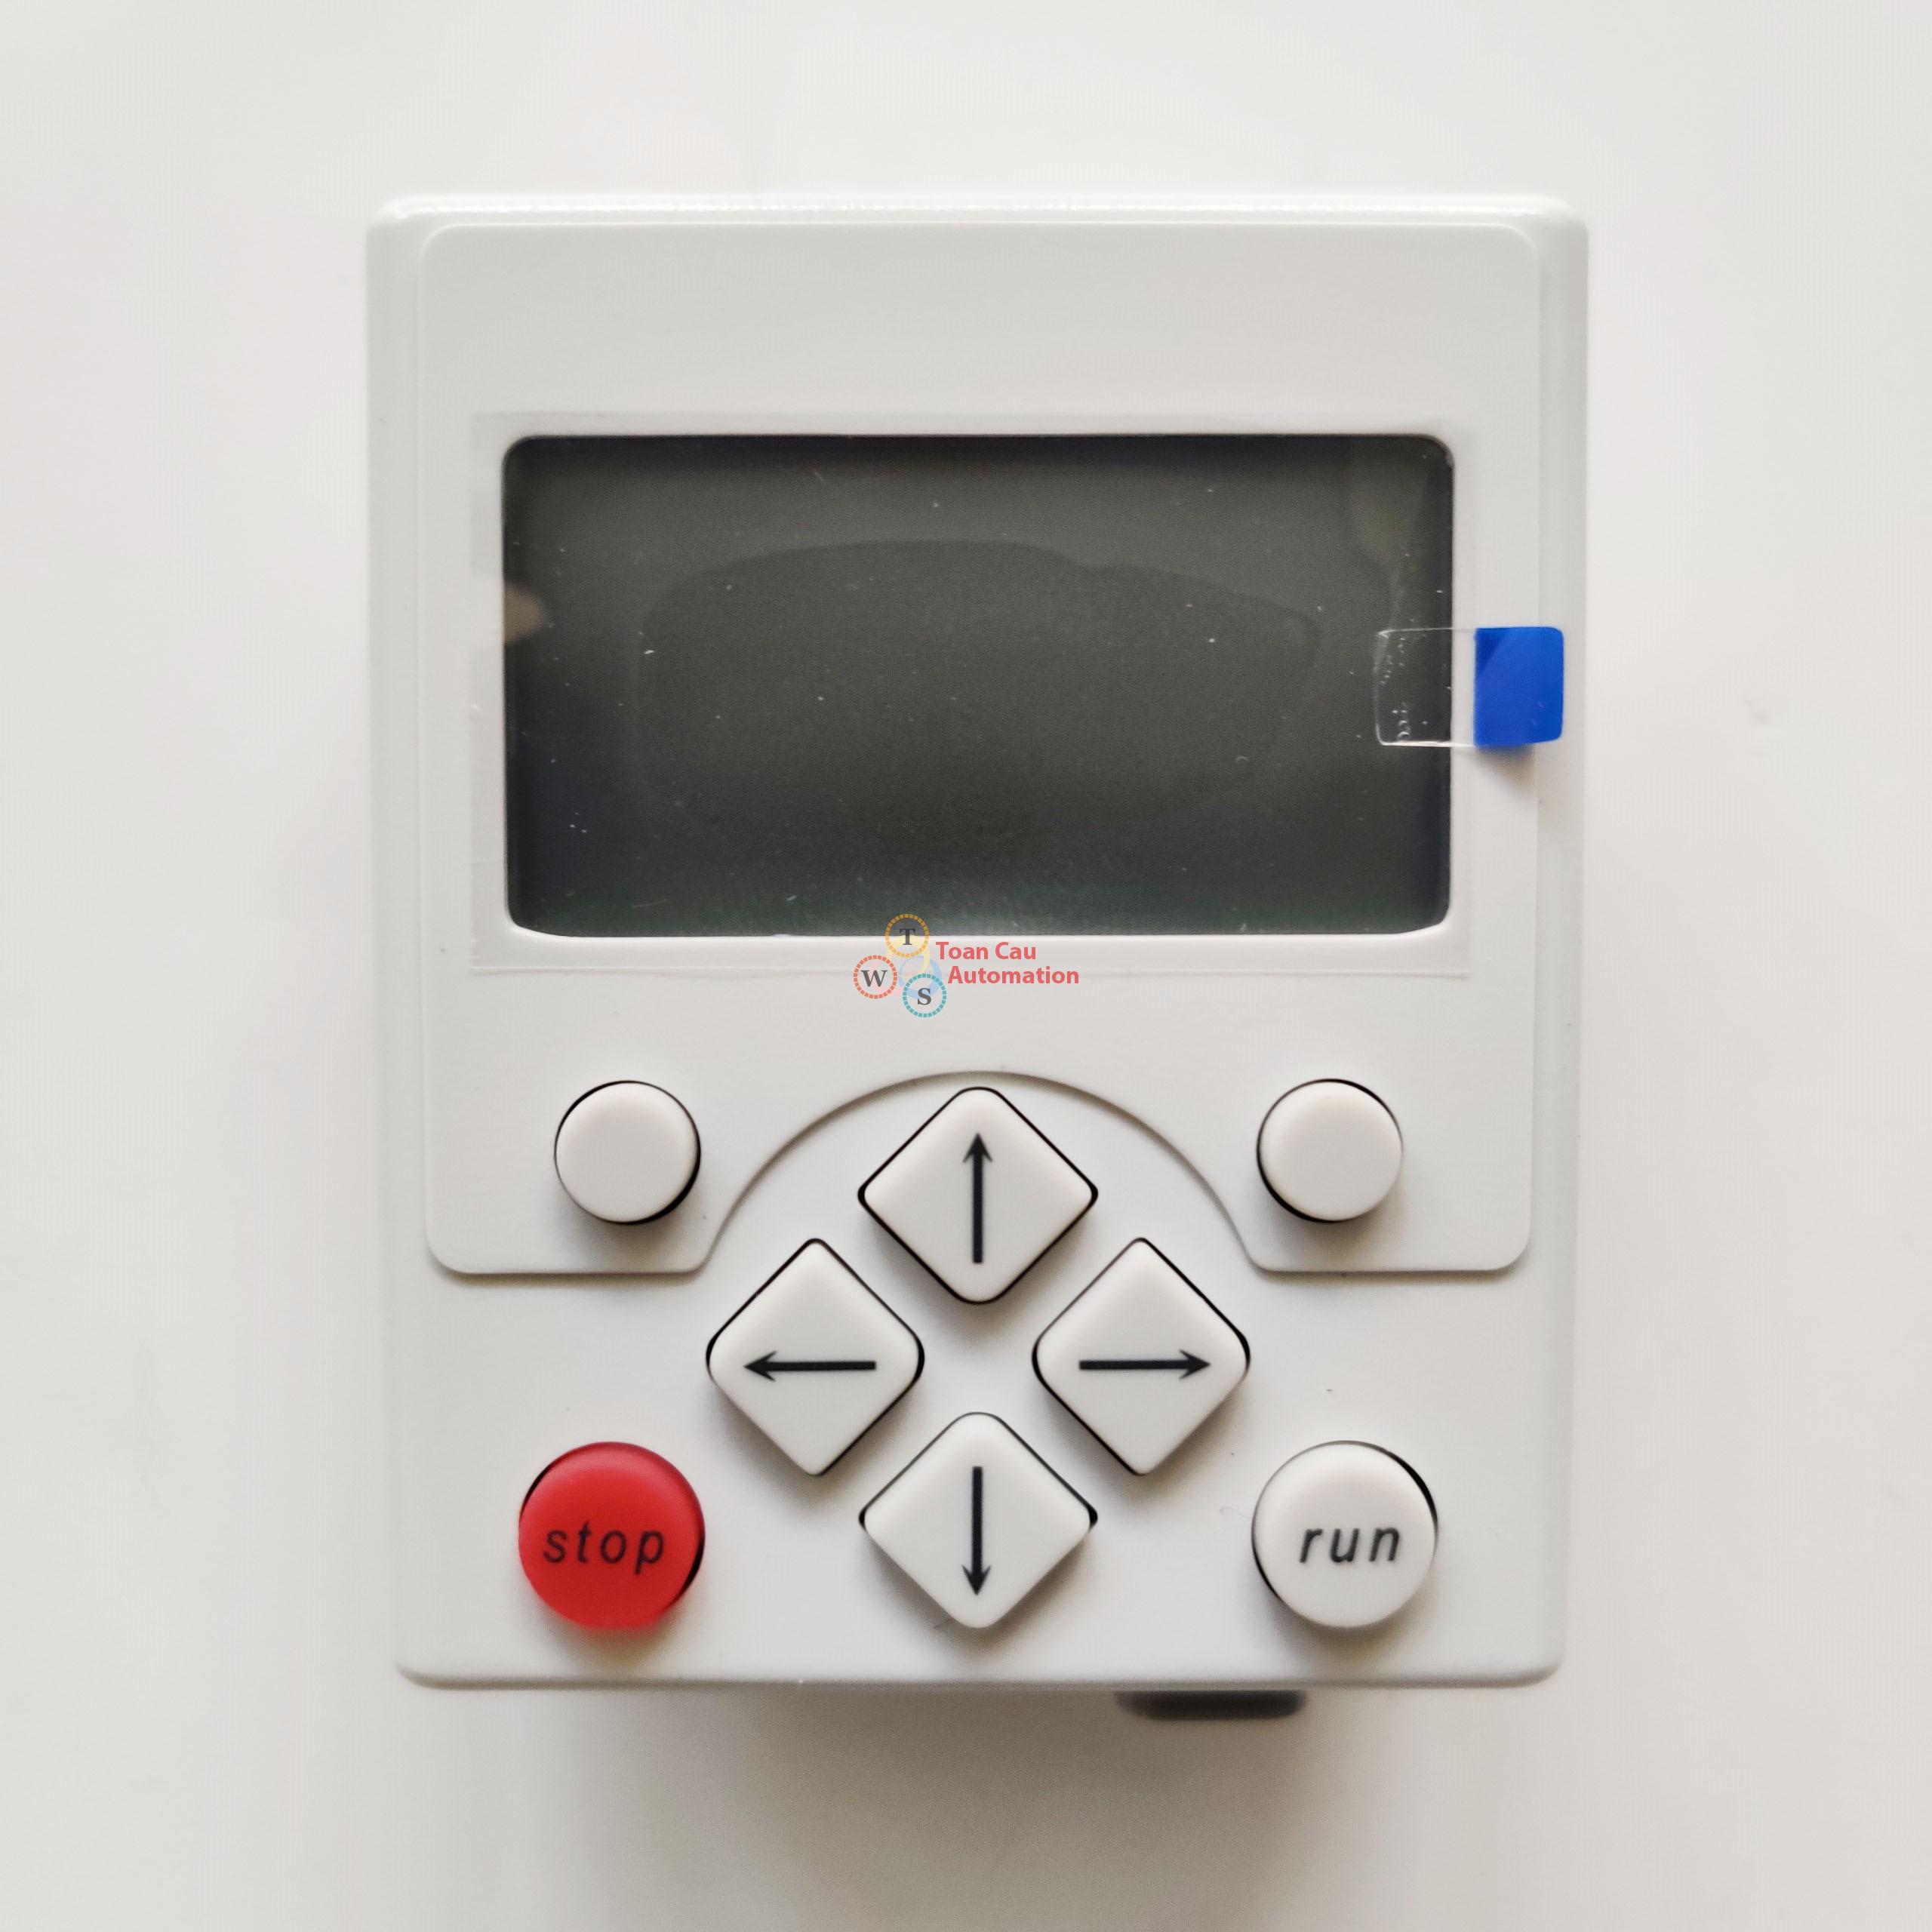 EZAEBK1001 - Keypad X400 Lenze